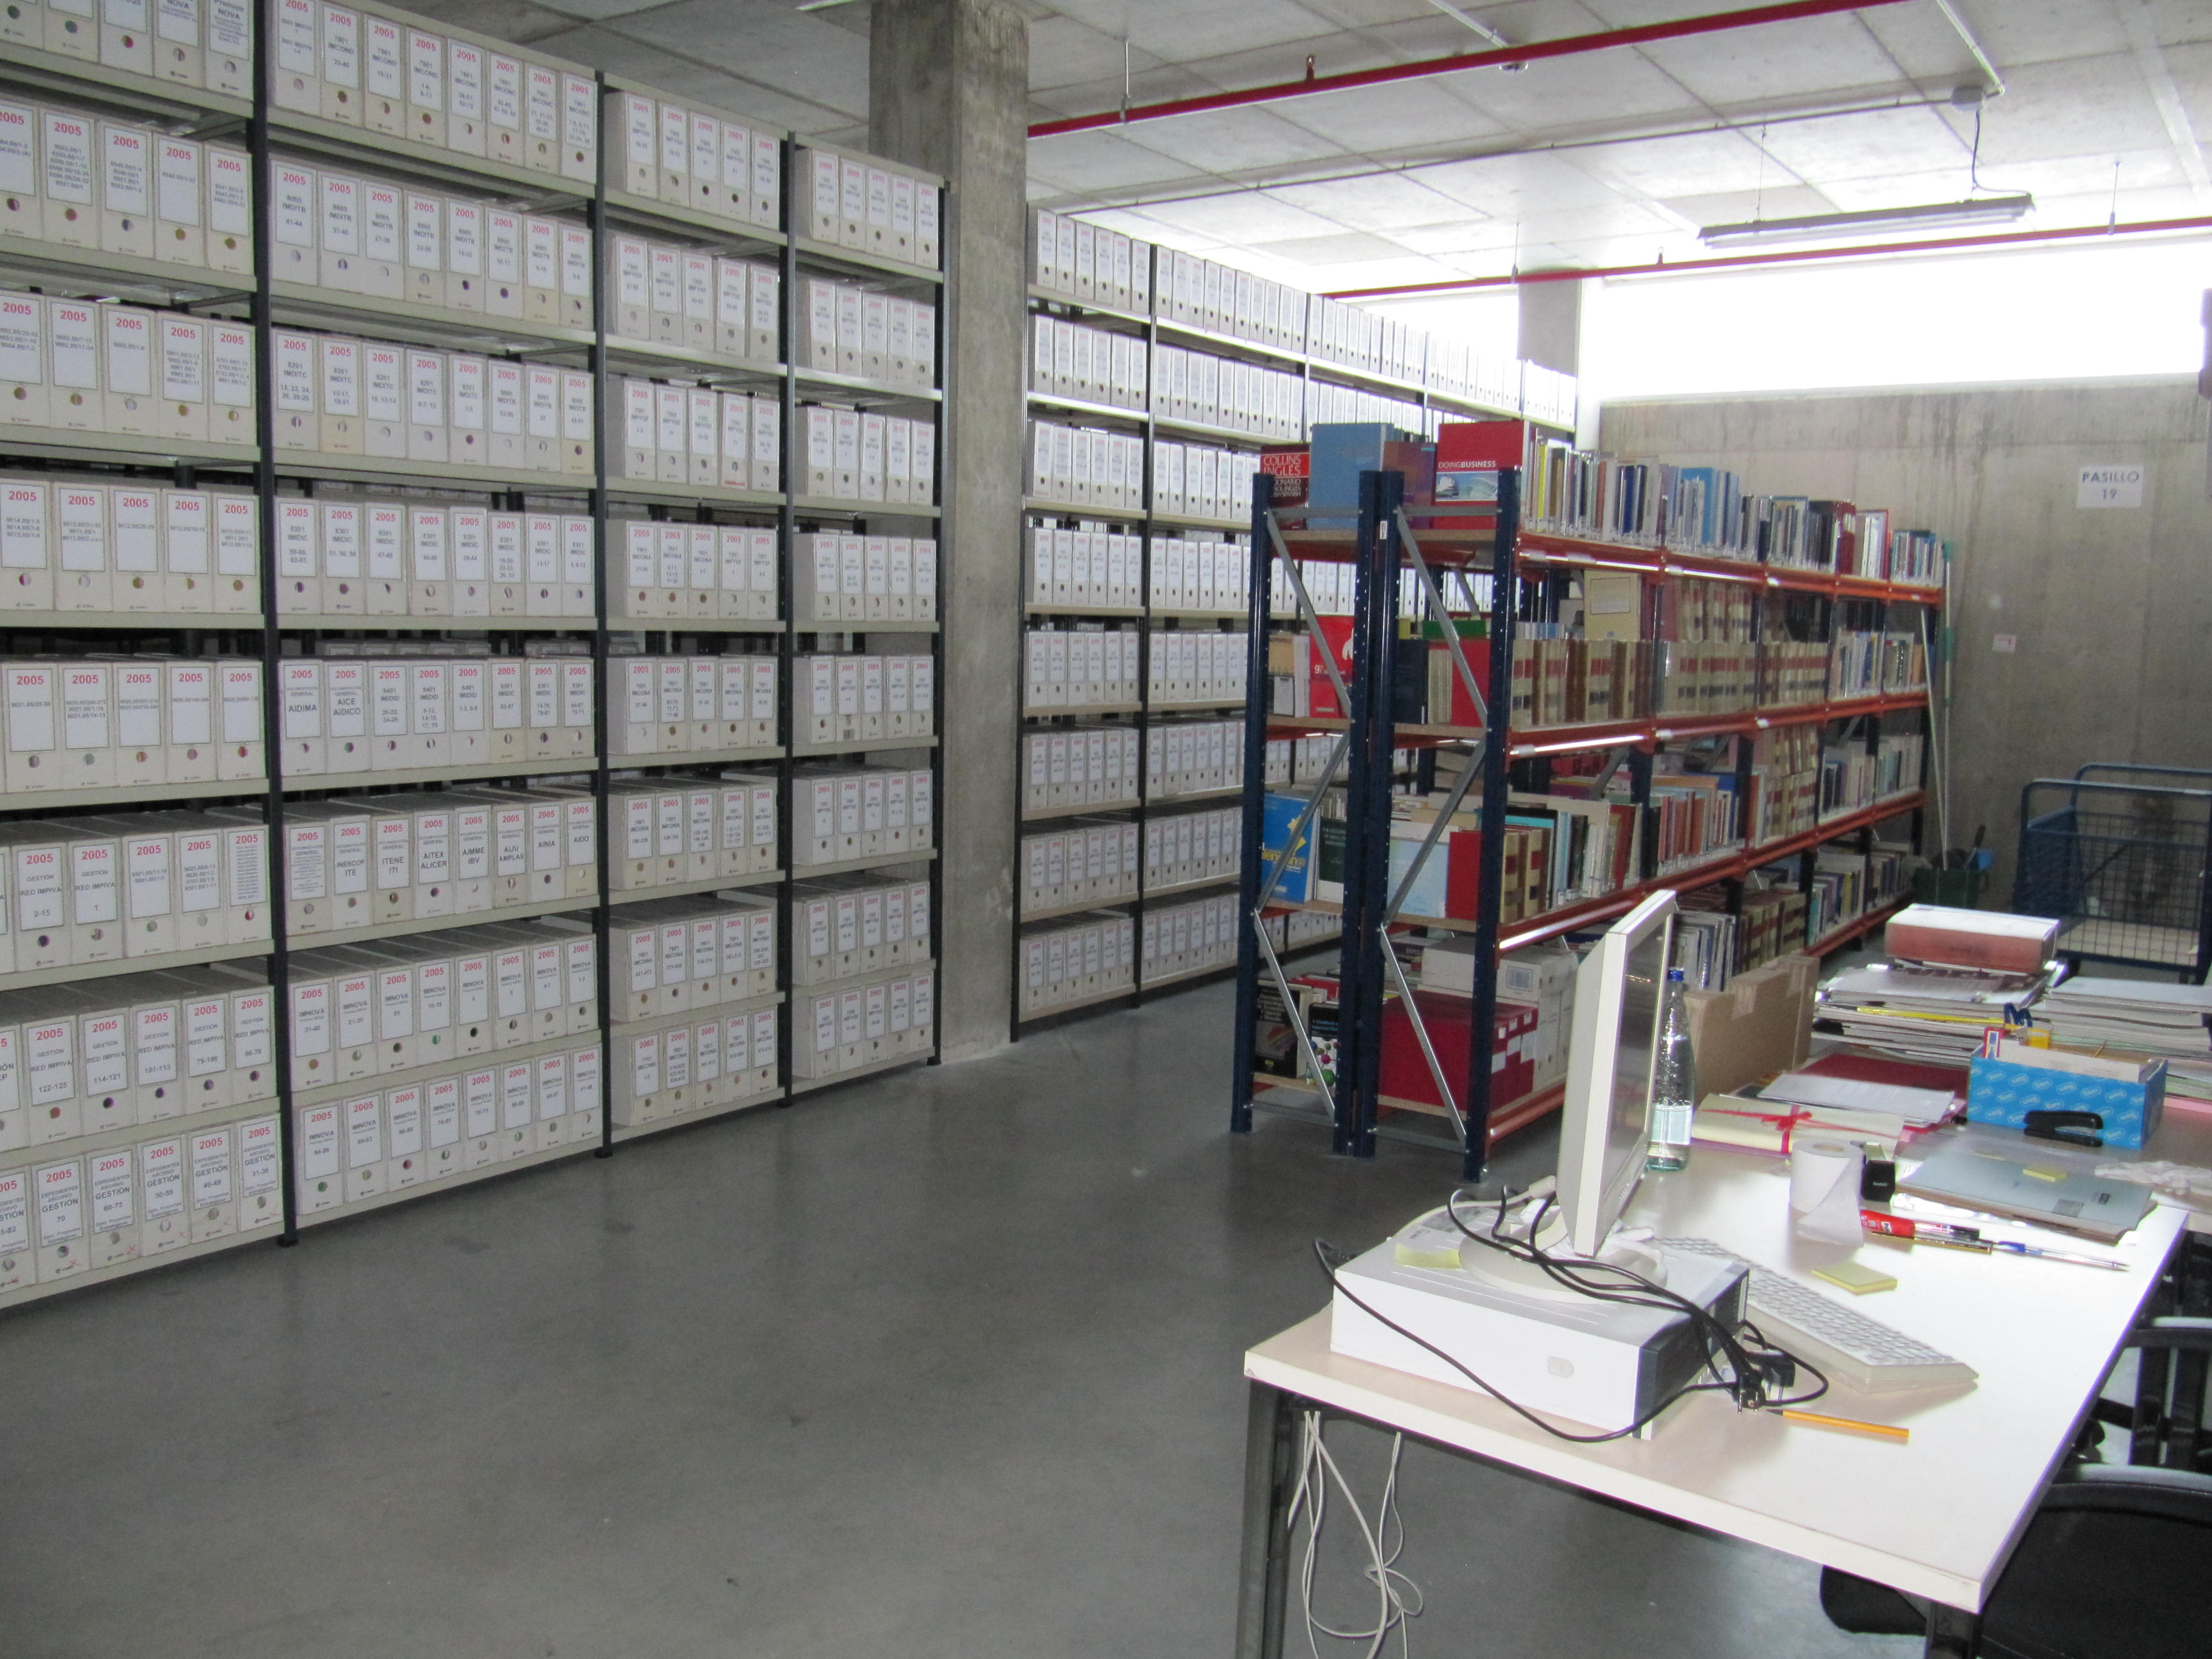 La Conselleria de Hacienda renueva la climatización del Archivo de Riba-roja donde se custodian más de 20 millones de documentos